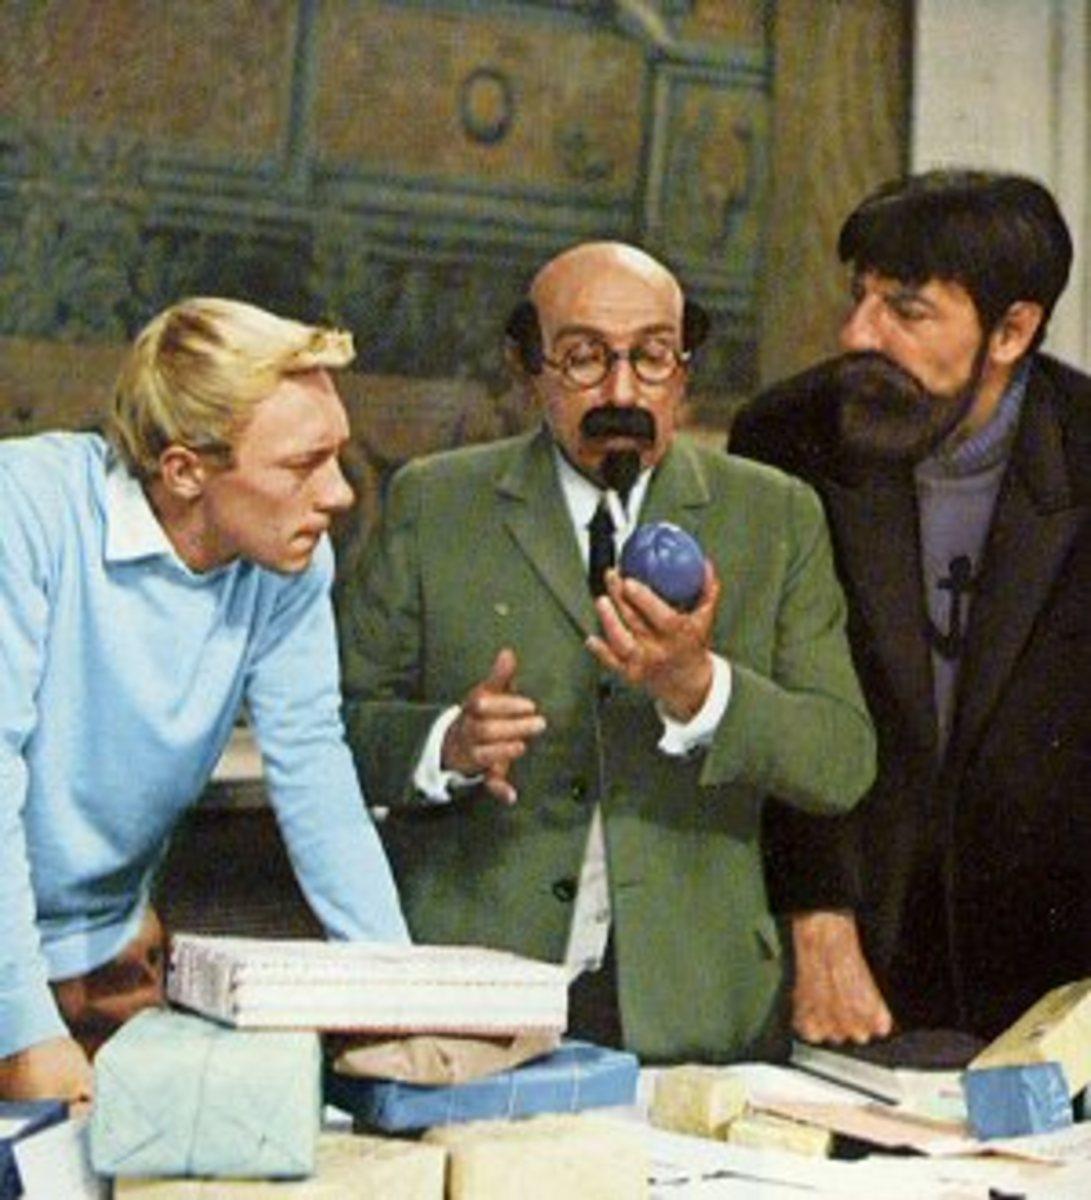 Tintin on film